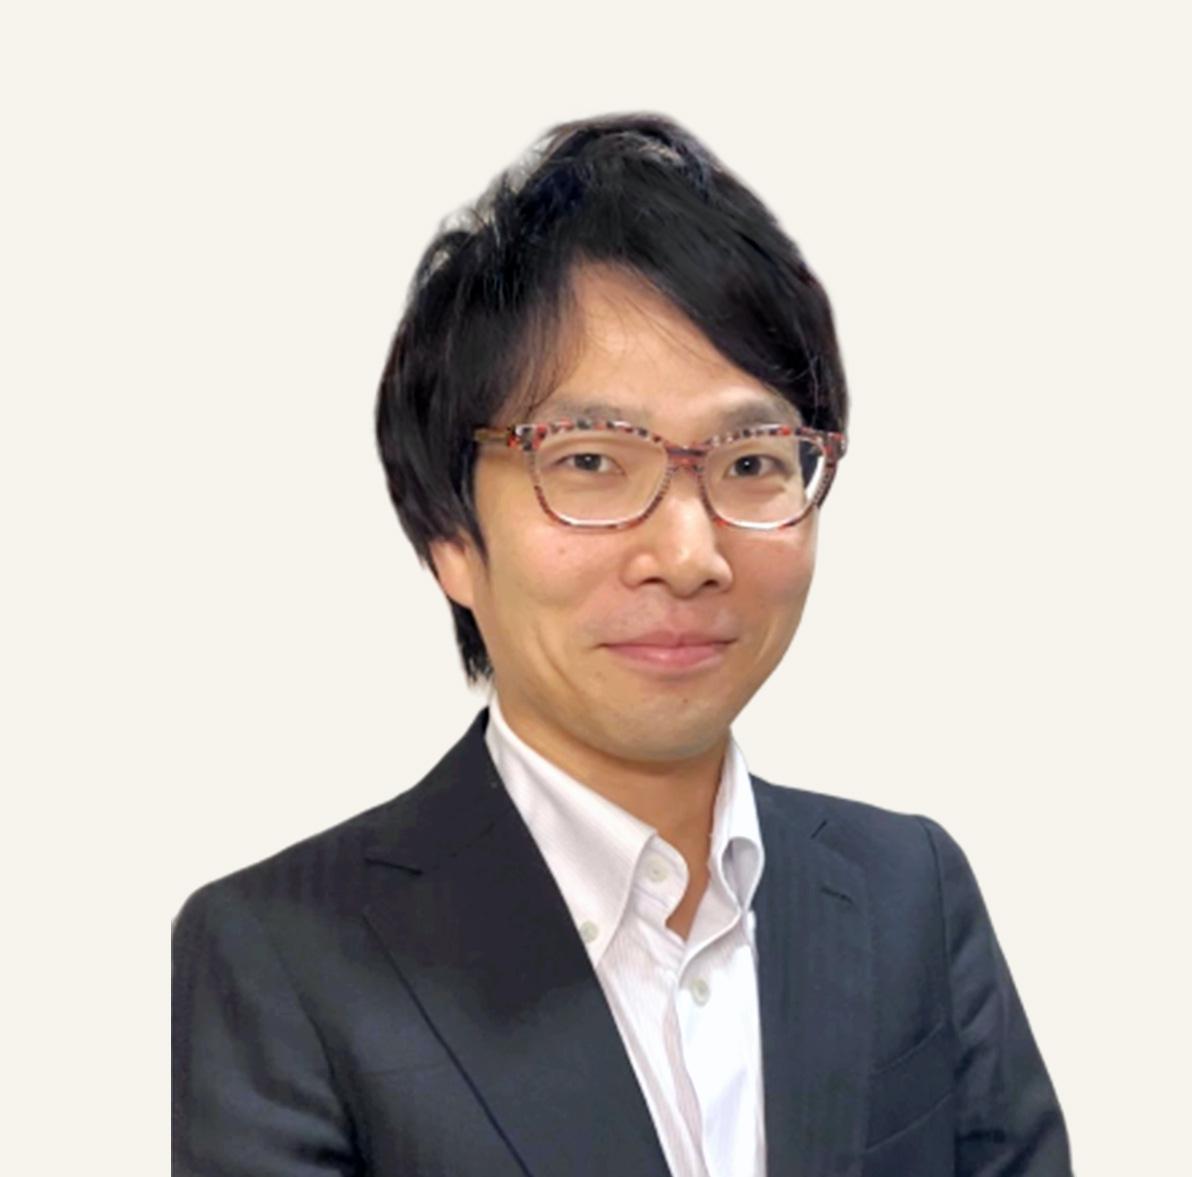 尾崎 智史